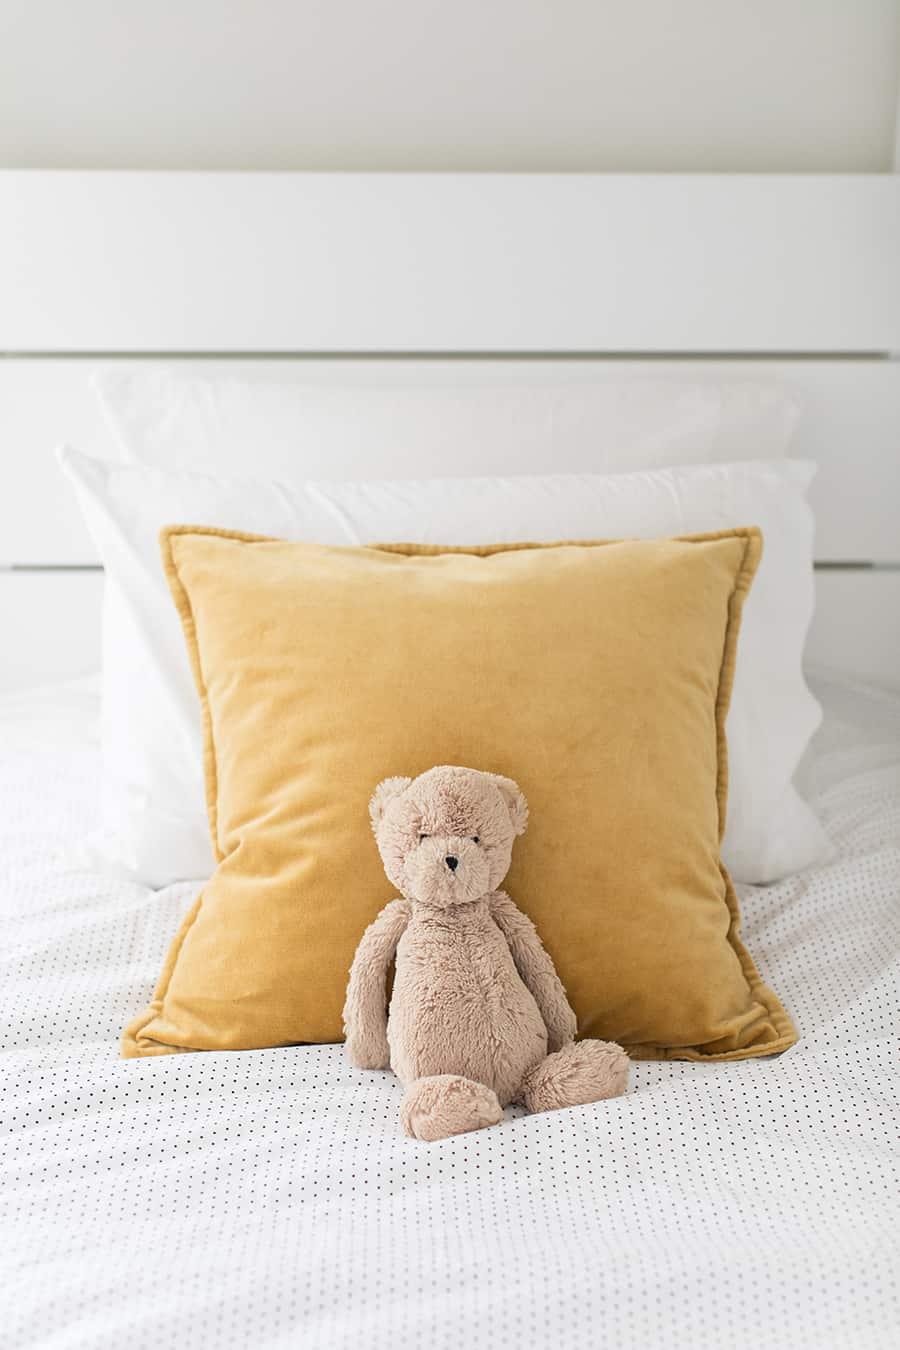 Velvet pillows with a stuffed teddy bear.